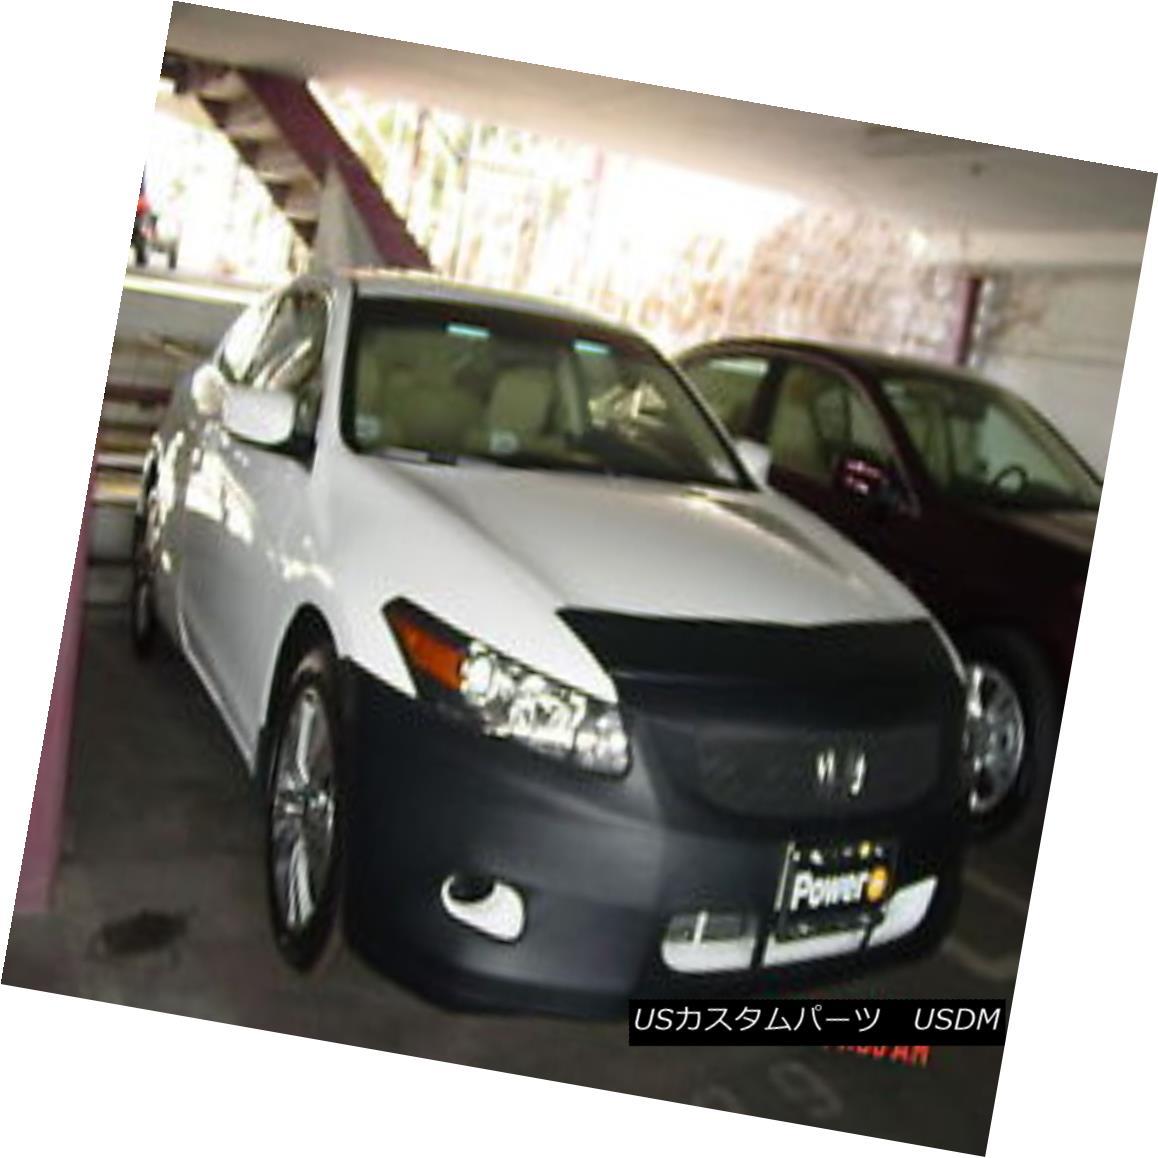 フルブラ ノーズブラ Colgan Front End Mask Bra 2pc. Fits Honda Accord Coupe Without License 2008-2010 コルガンフロントエンドマスクブラ2pc 2008-2010年免許なしでホンダ合意に適合